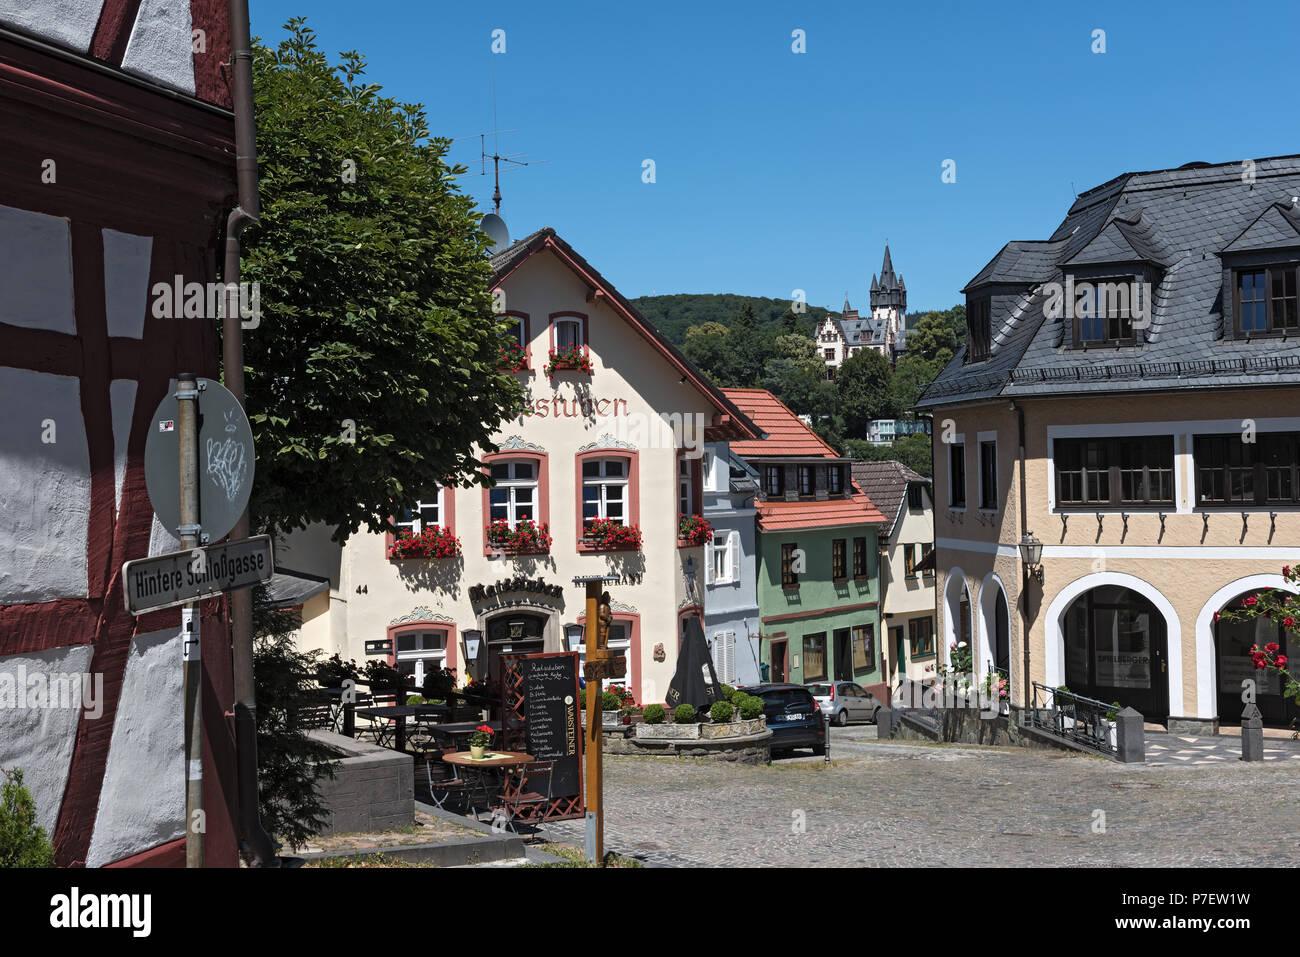 Kleiner Platz mit alten Häusern in Königstein Altstadt, Hessen, Deutschland Stockbild